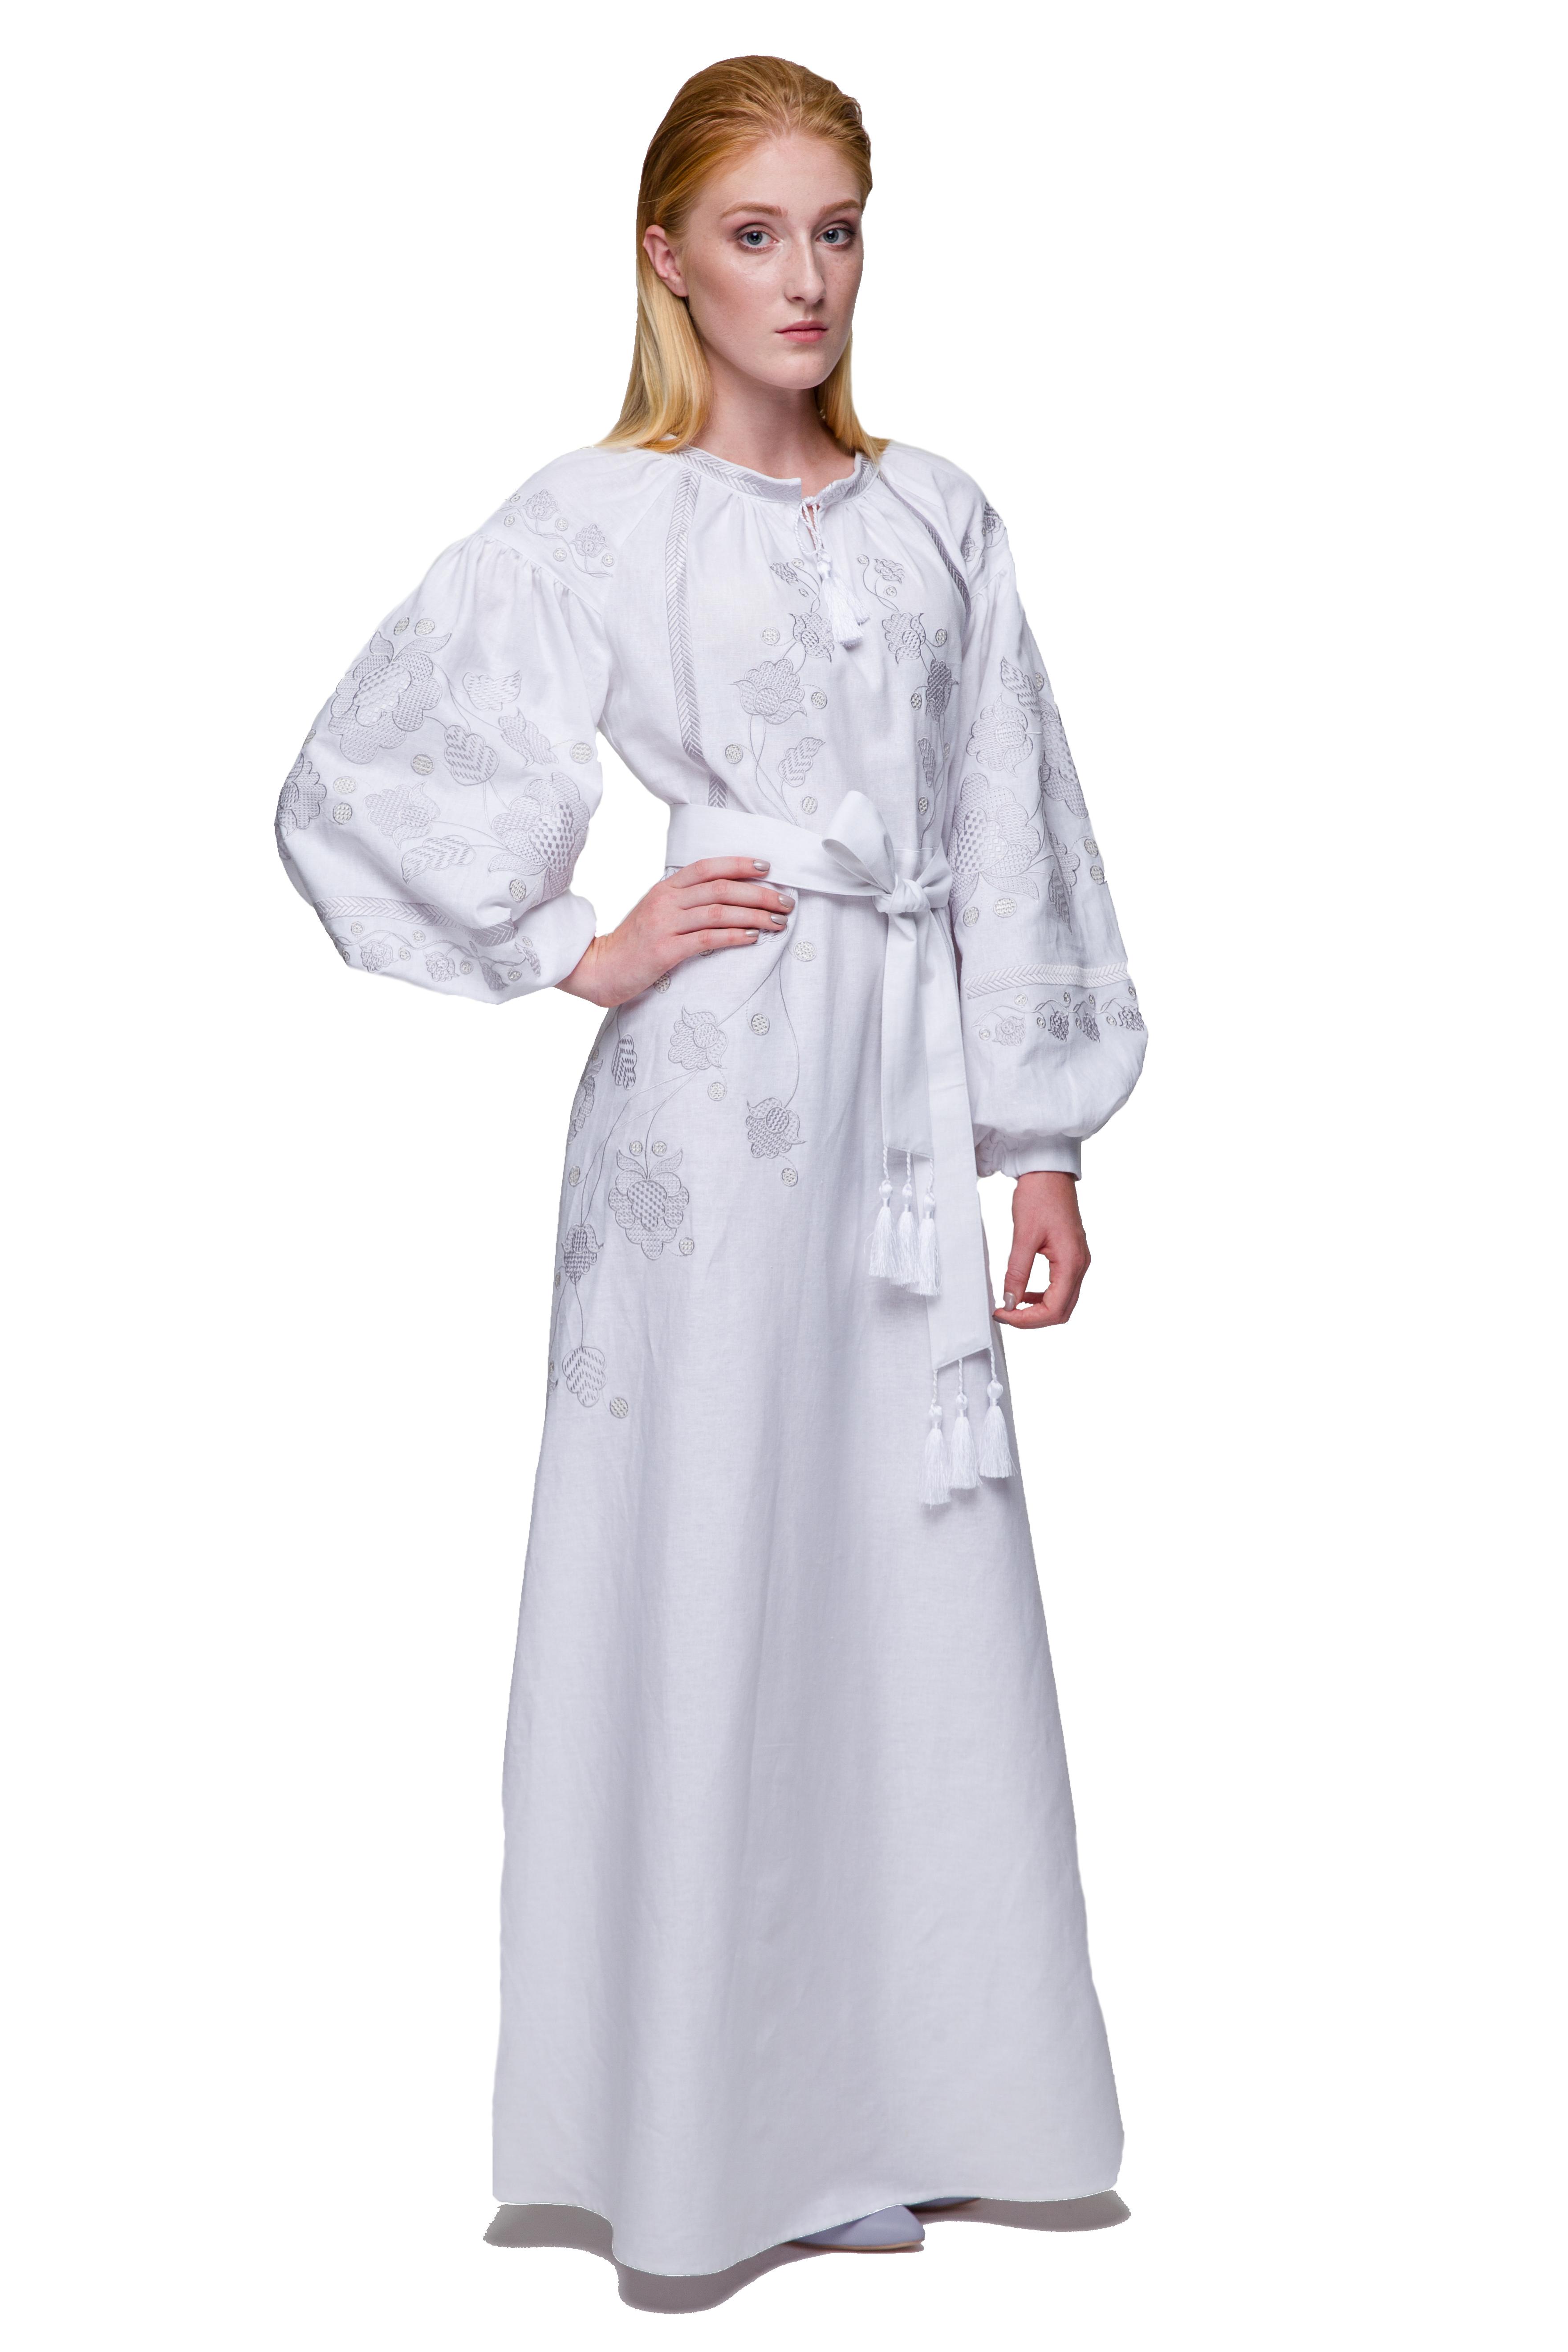 Купити вишиту жіночу сукню від українського бренду 2KOLYORY a44313bab4c67